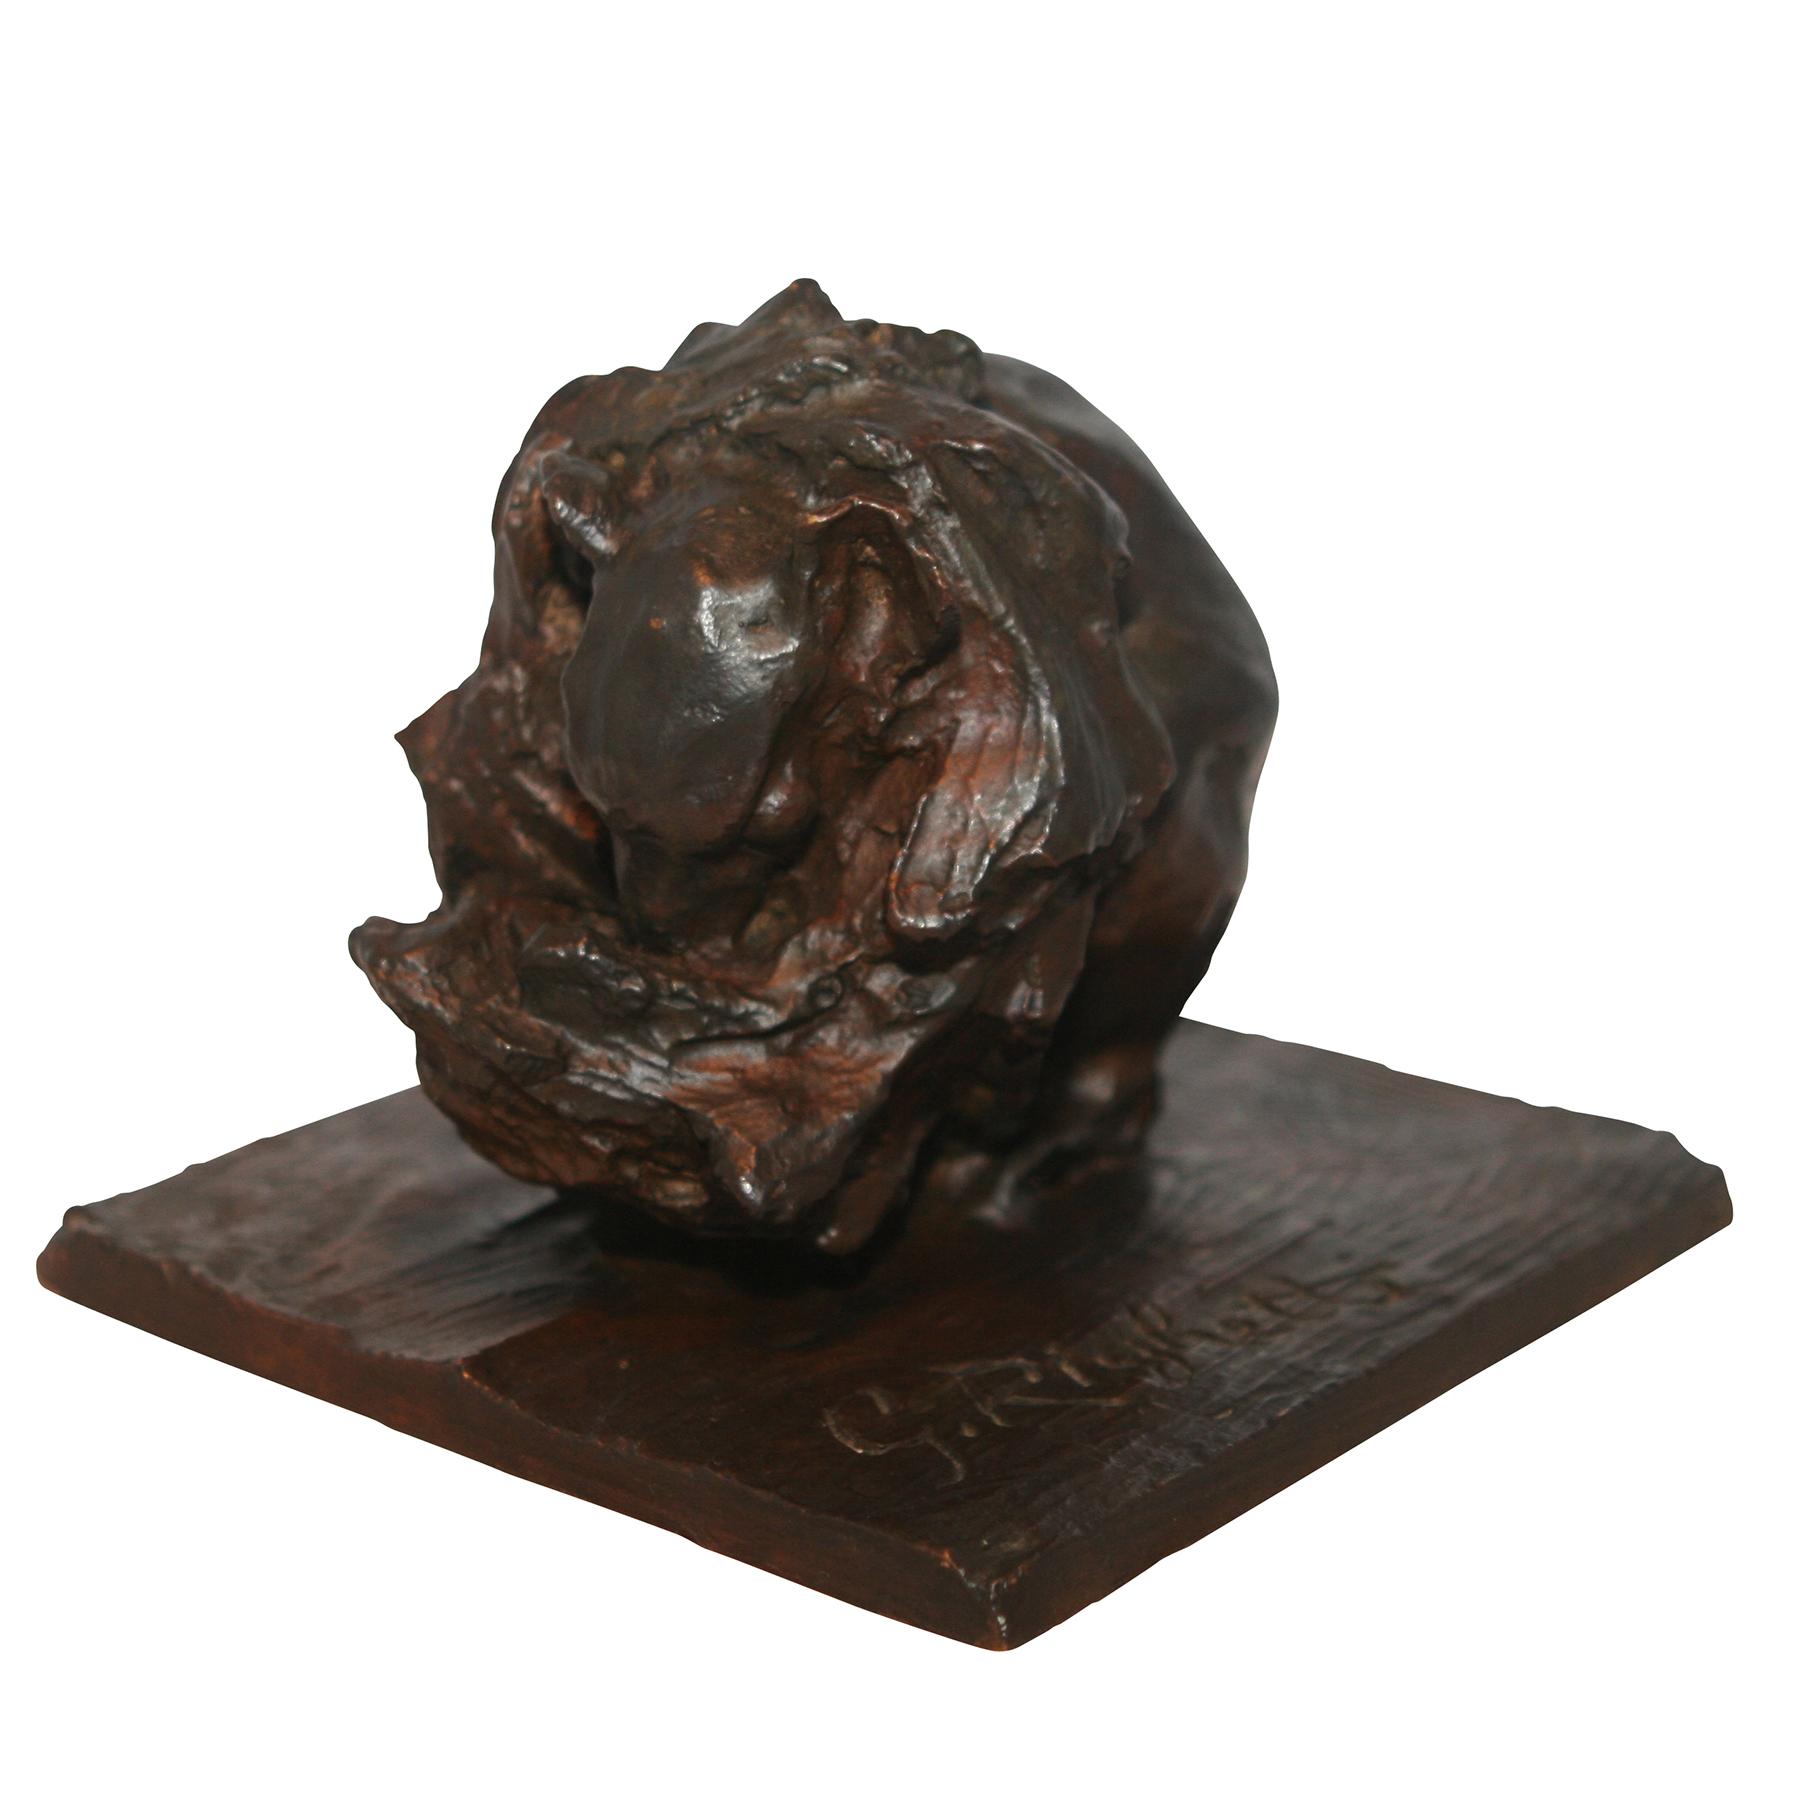 GUIDO RIGHETTI (1875-1958) - Galago